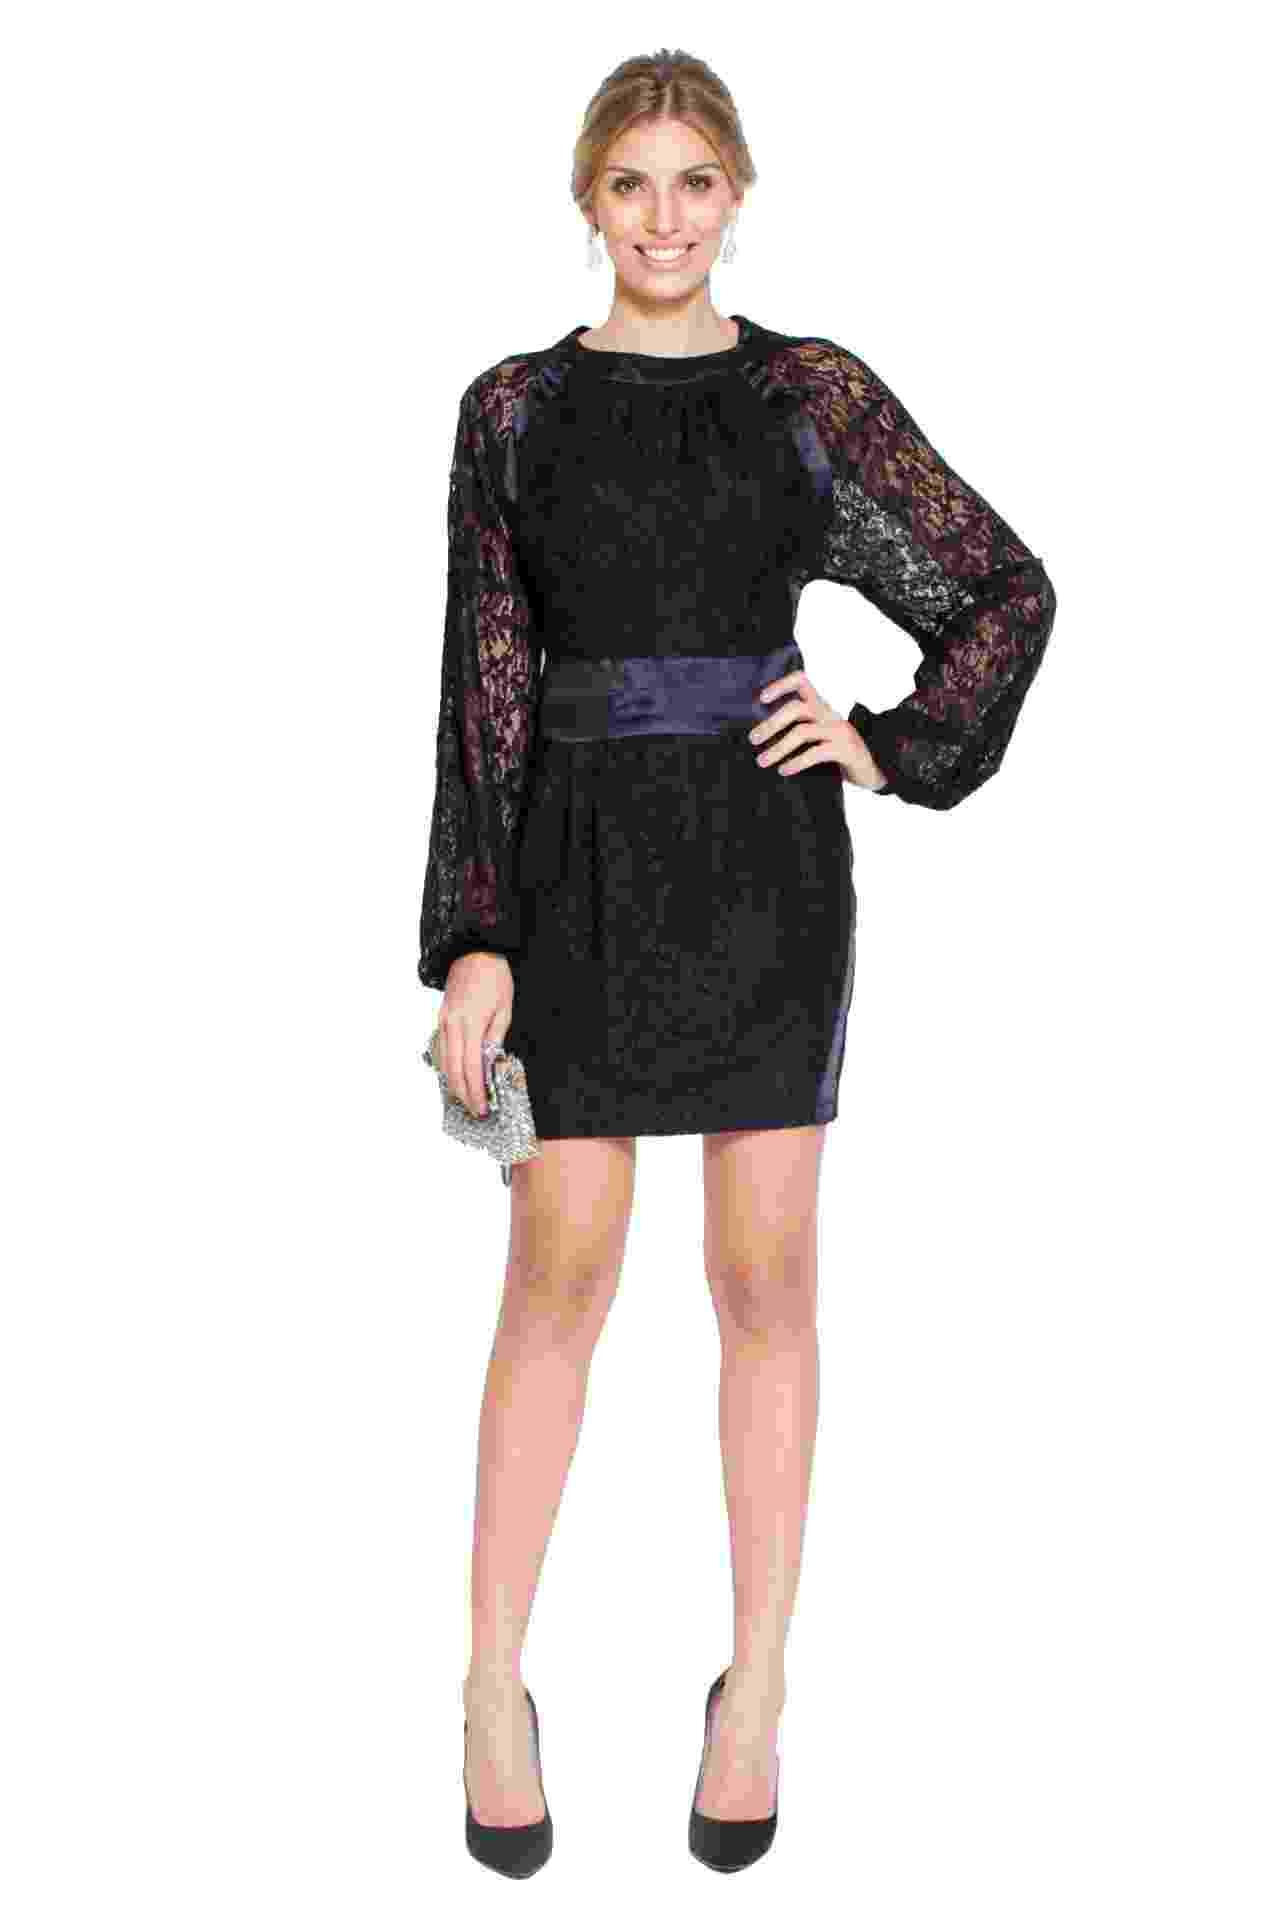 Vestido preto de mangas longas feito em viscose, da Carina Duek, é opção para convidadas. Pode ser alugado na Dress & Go (www.dressandgo.com.br) por R$ 300. Preço pesquisado em junho de 2014. Sujeito a alterações - Divulgação